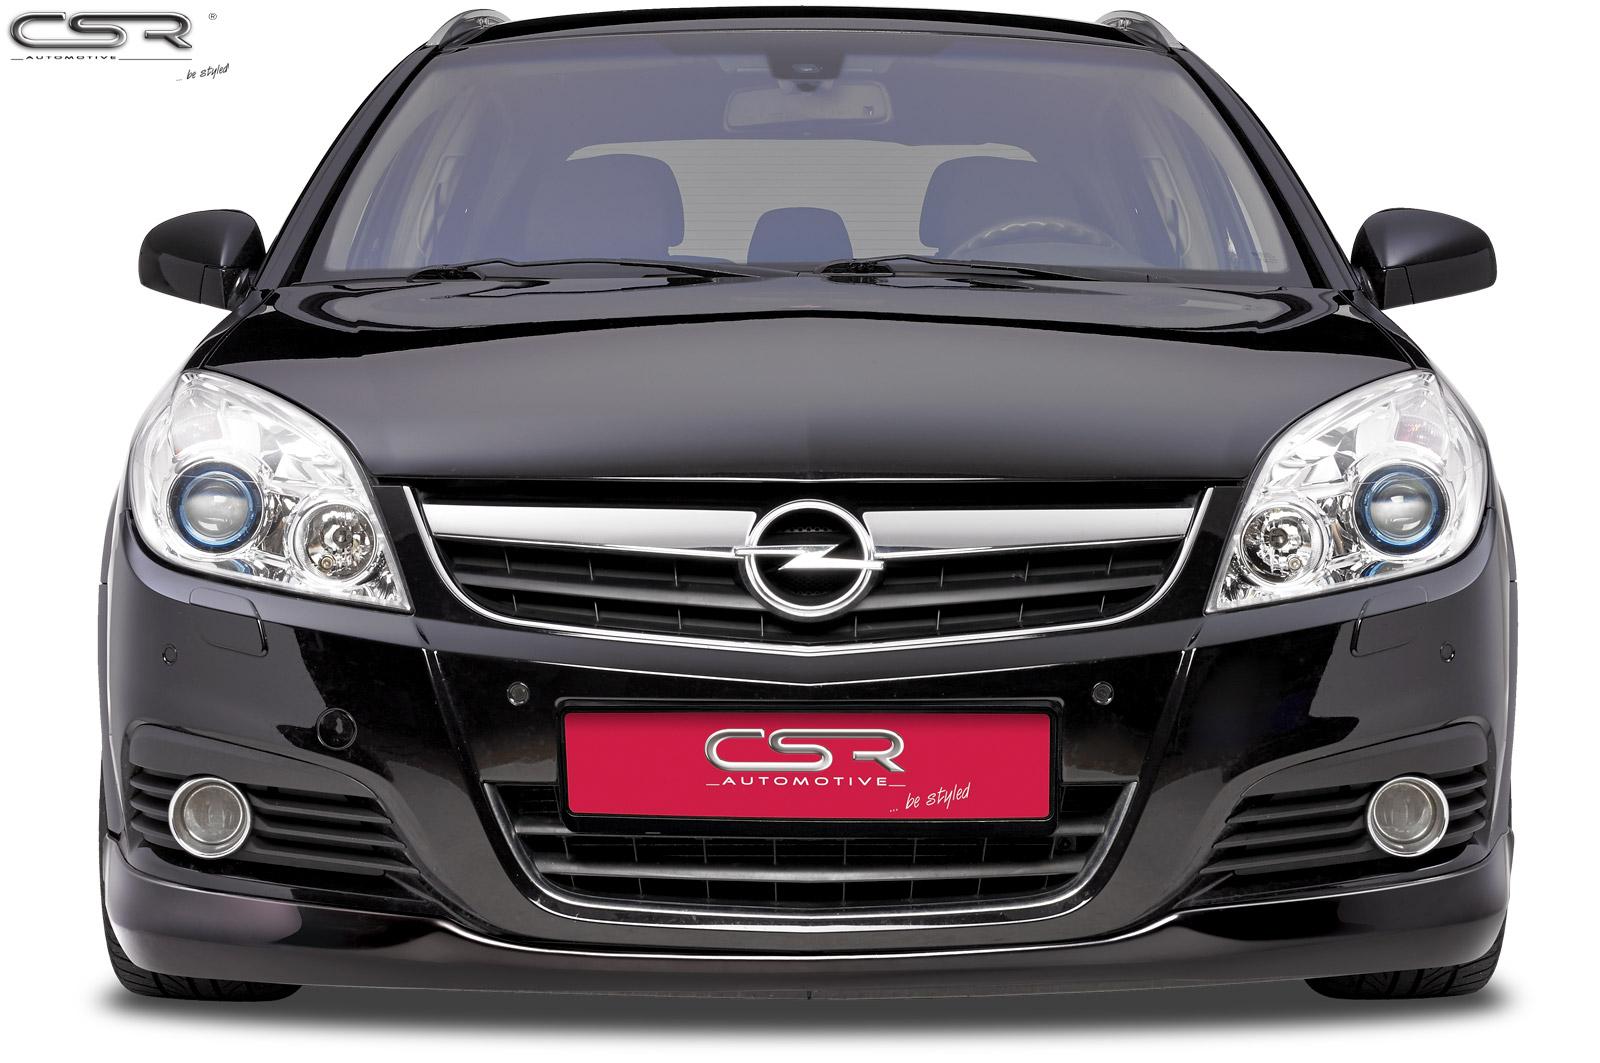 Opel Signum spoiler pod přední nárazník design OPC